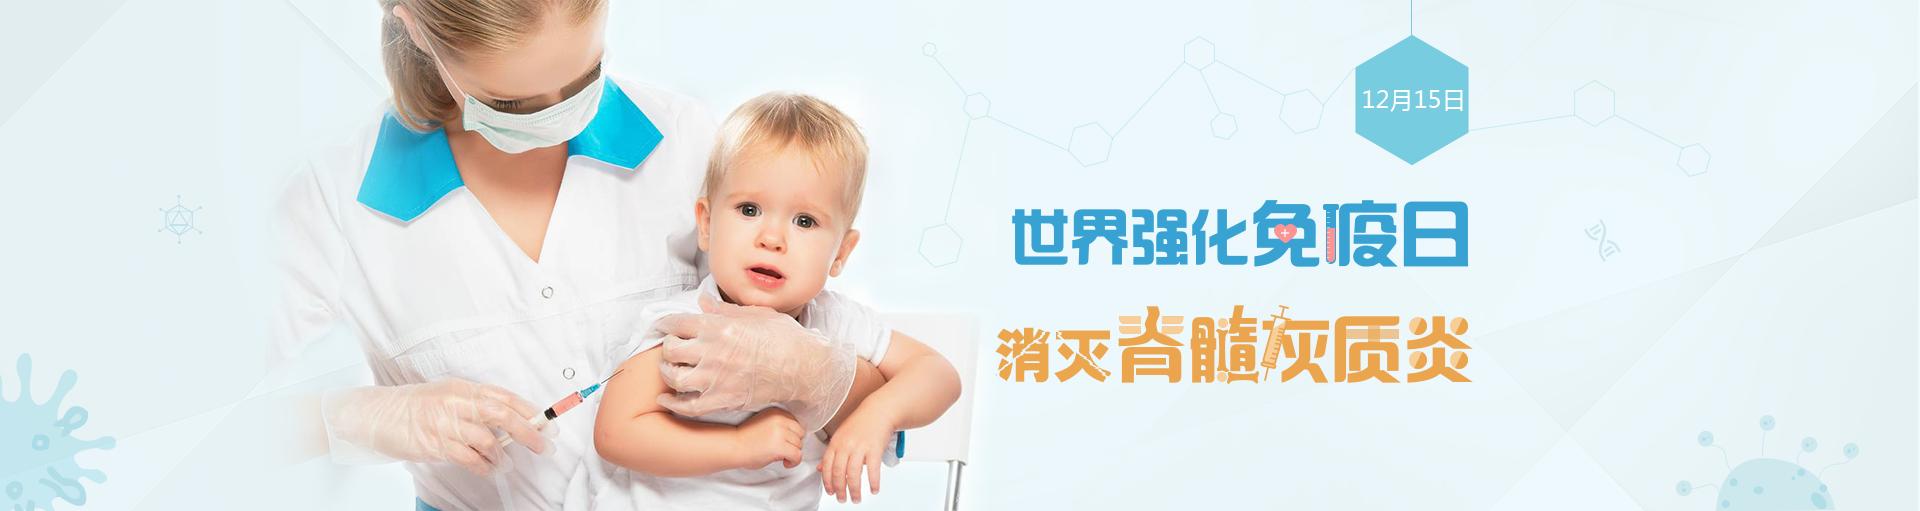 世界强化免疫日 脊髓灰质炎早期症状 小儿麻痹症